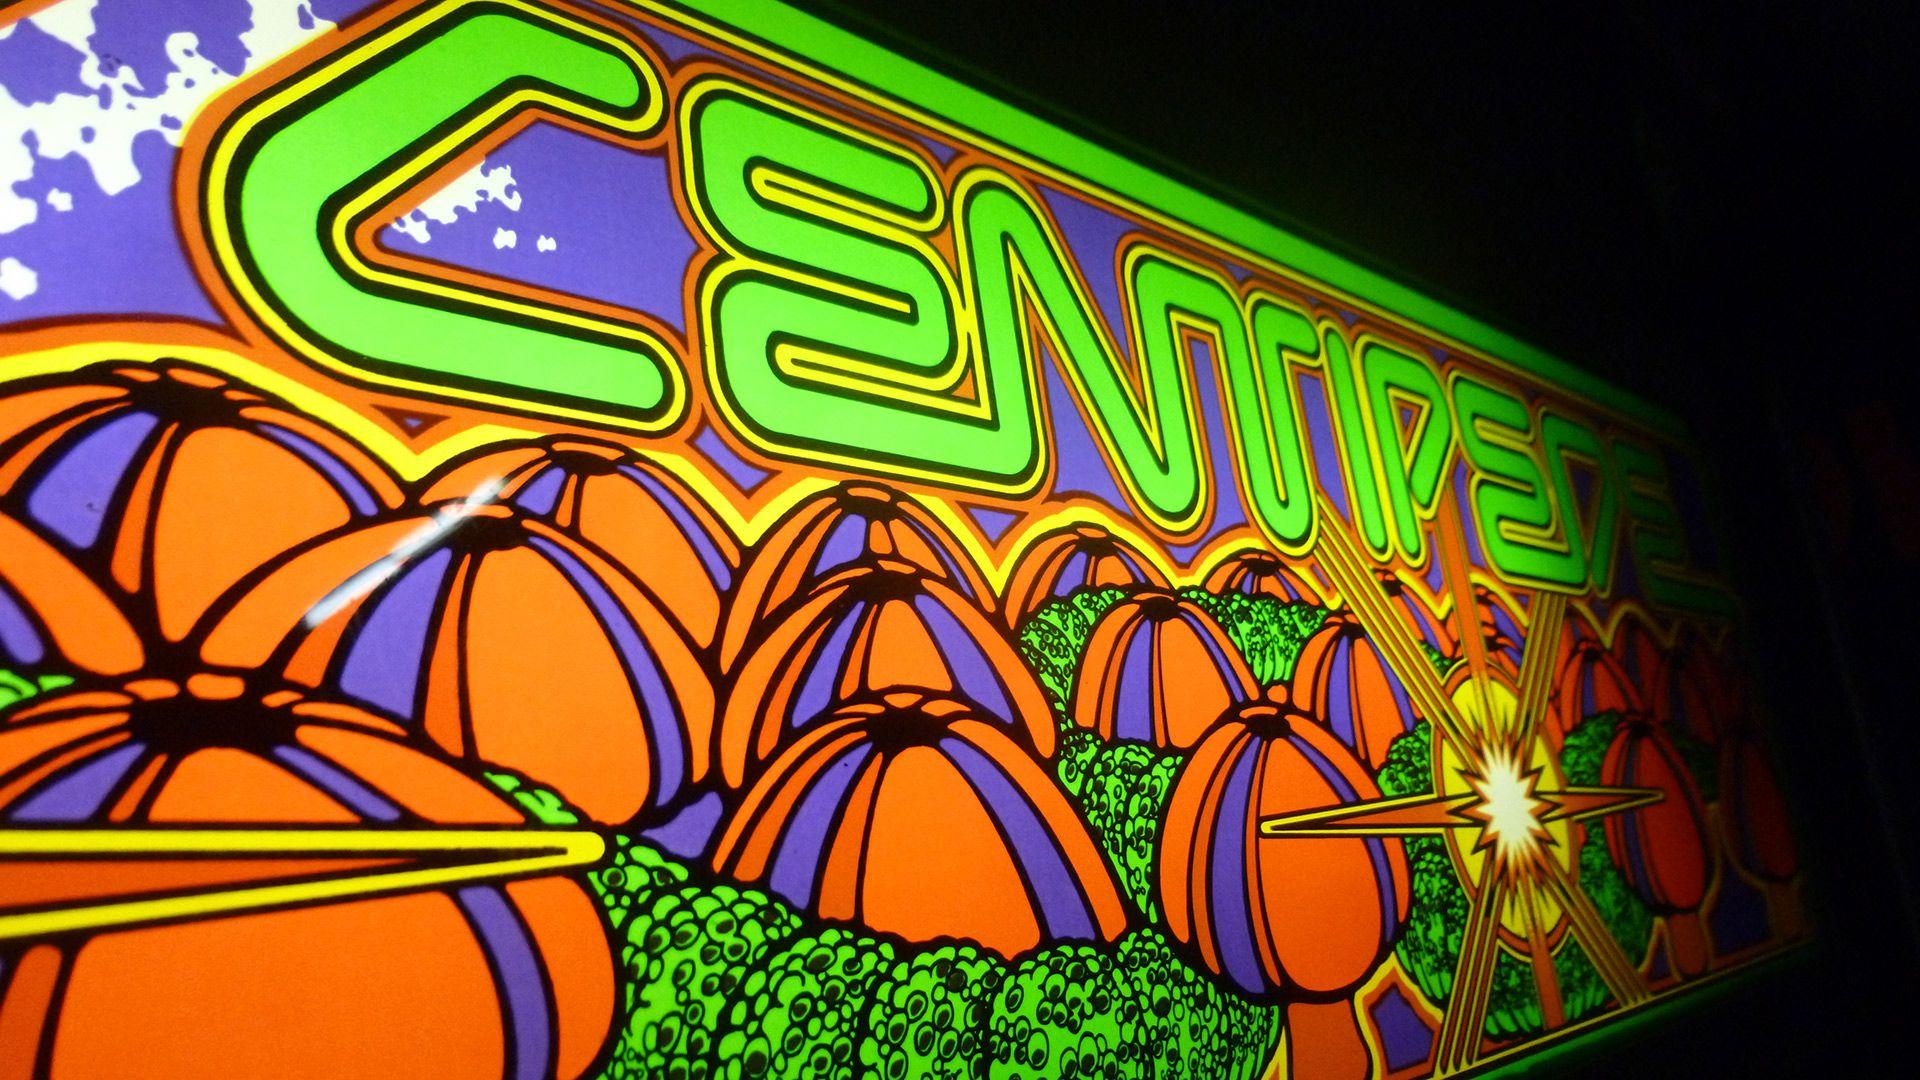 Arcade good wallpaper hd